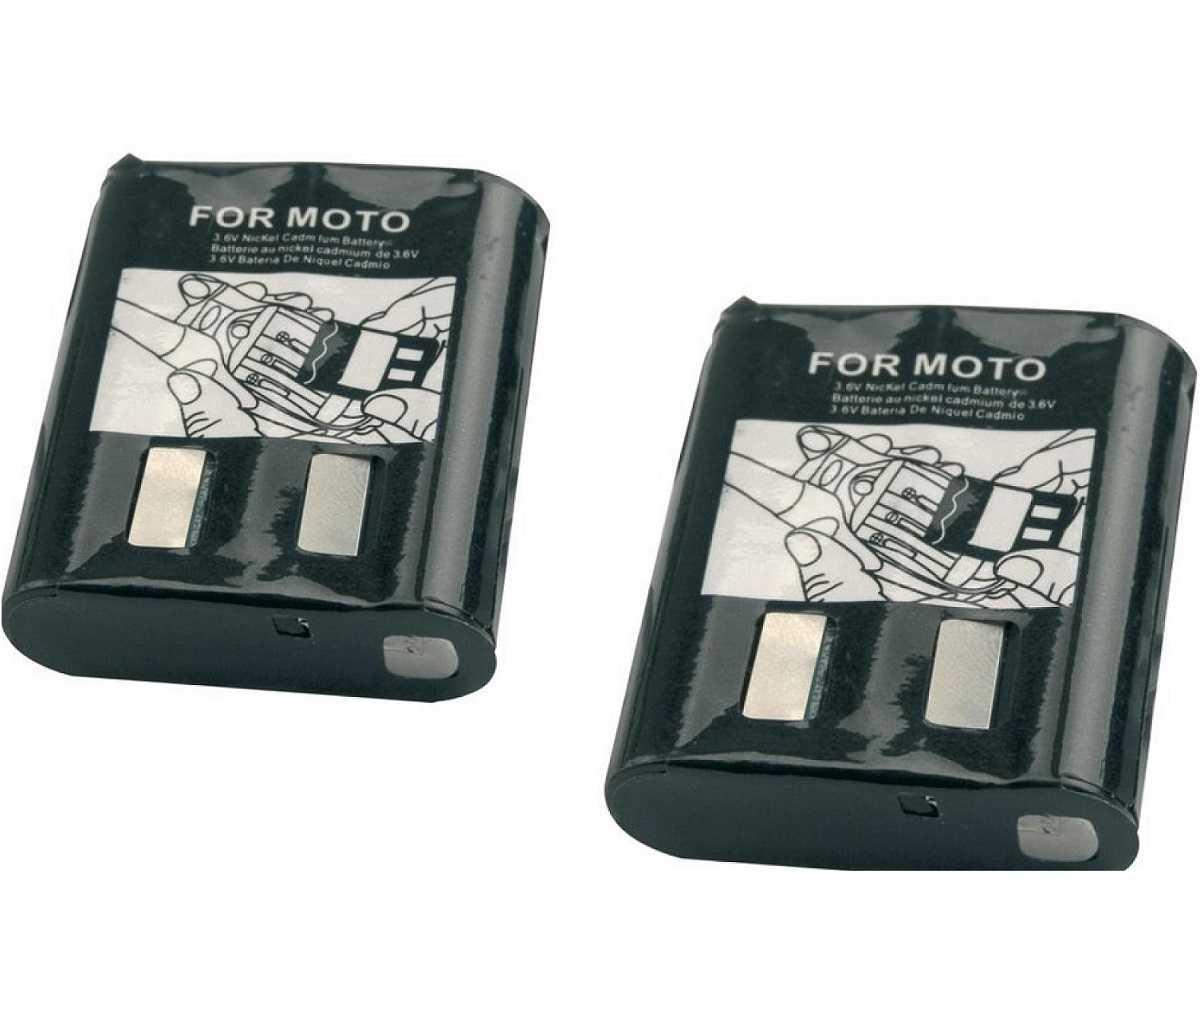 2 Bateria Recarregável Para Rádio TalkAbout 3,6V 600mAh Rontek